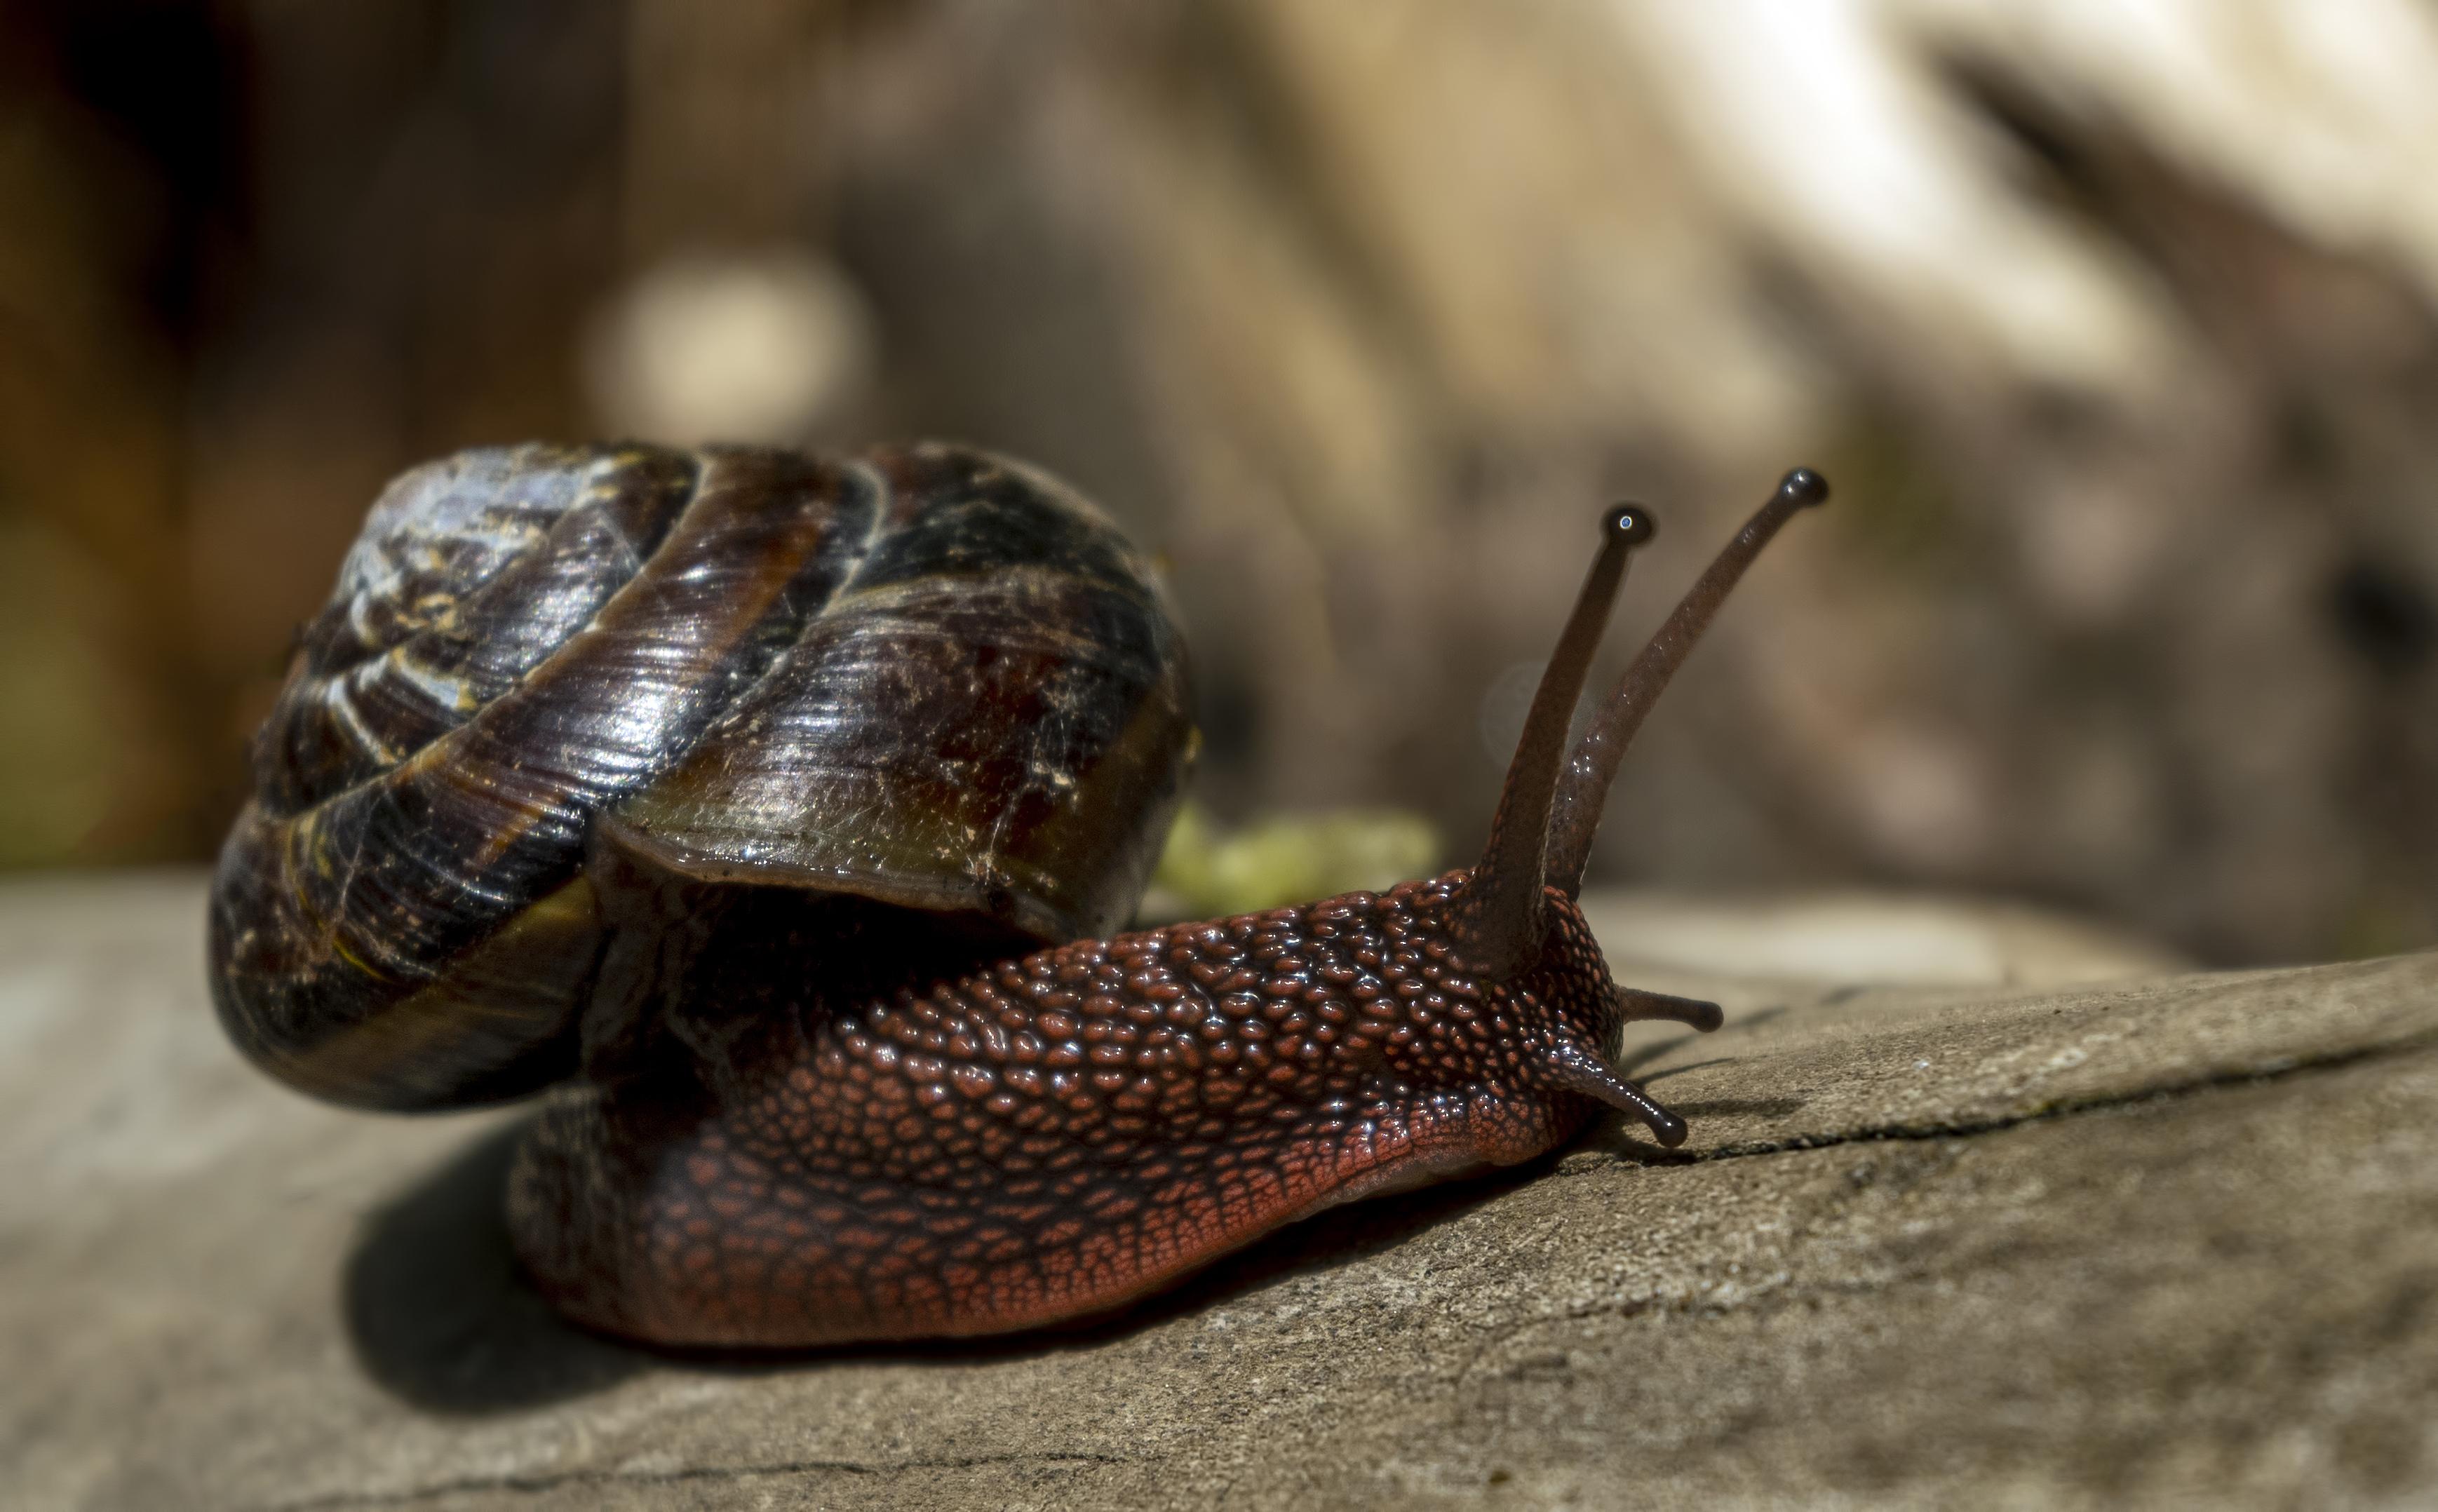 shelled gastropod sweet creek snail